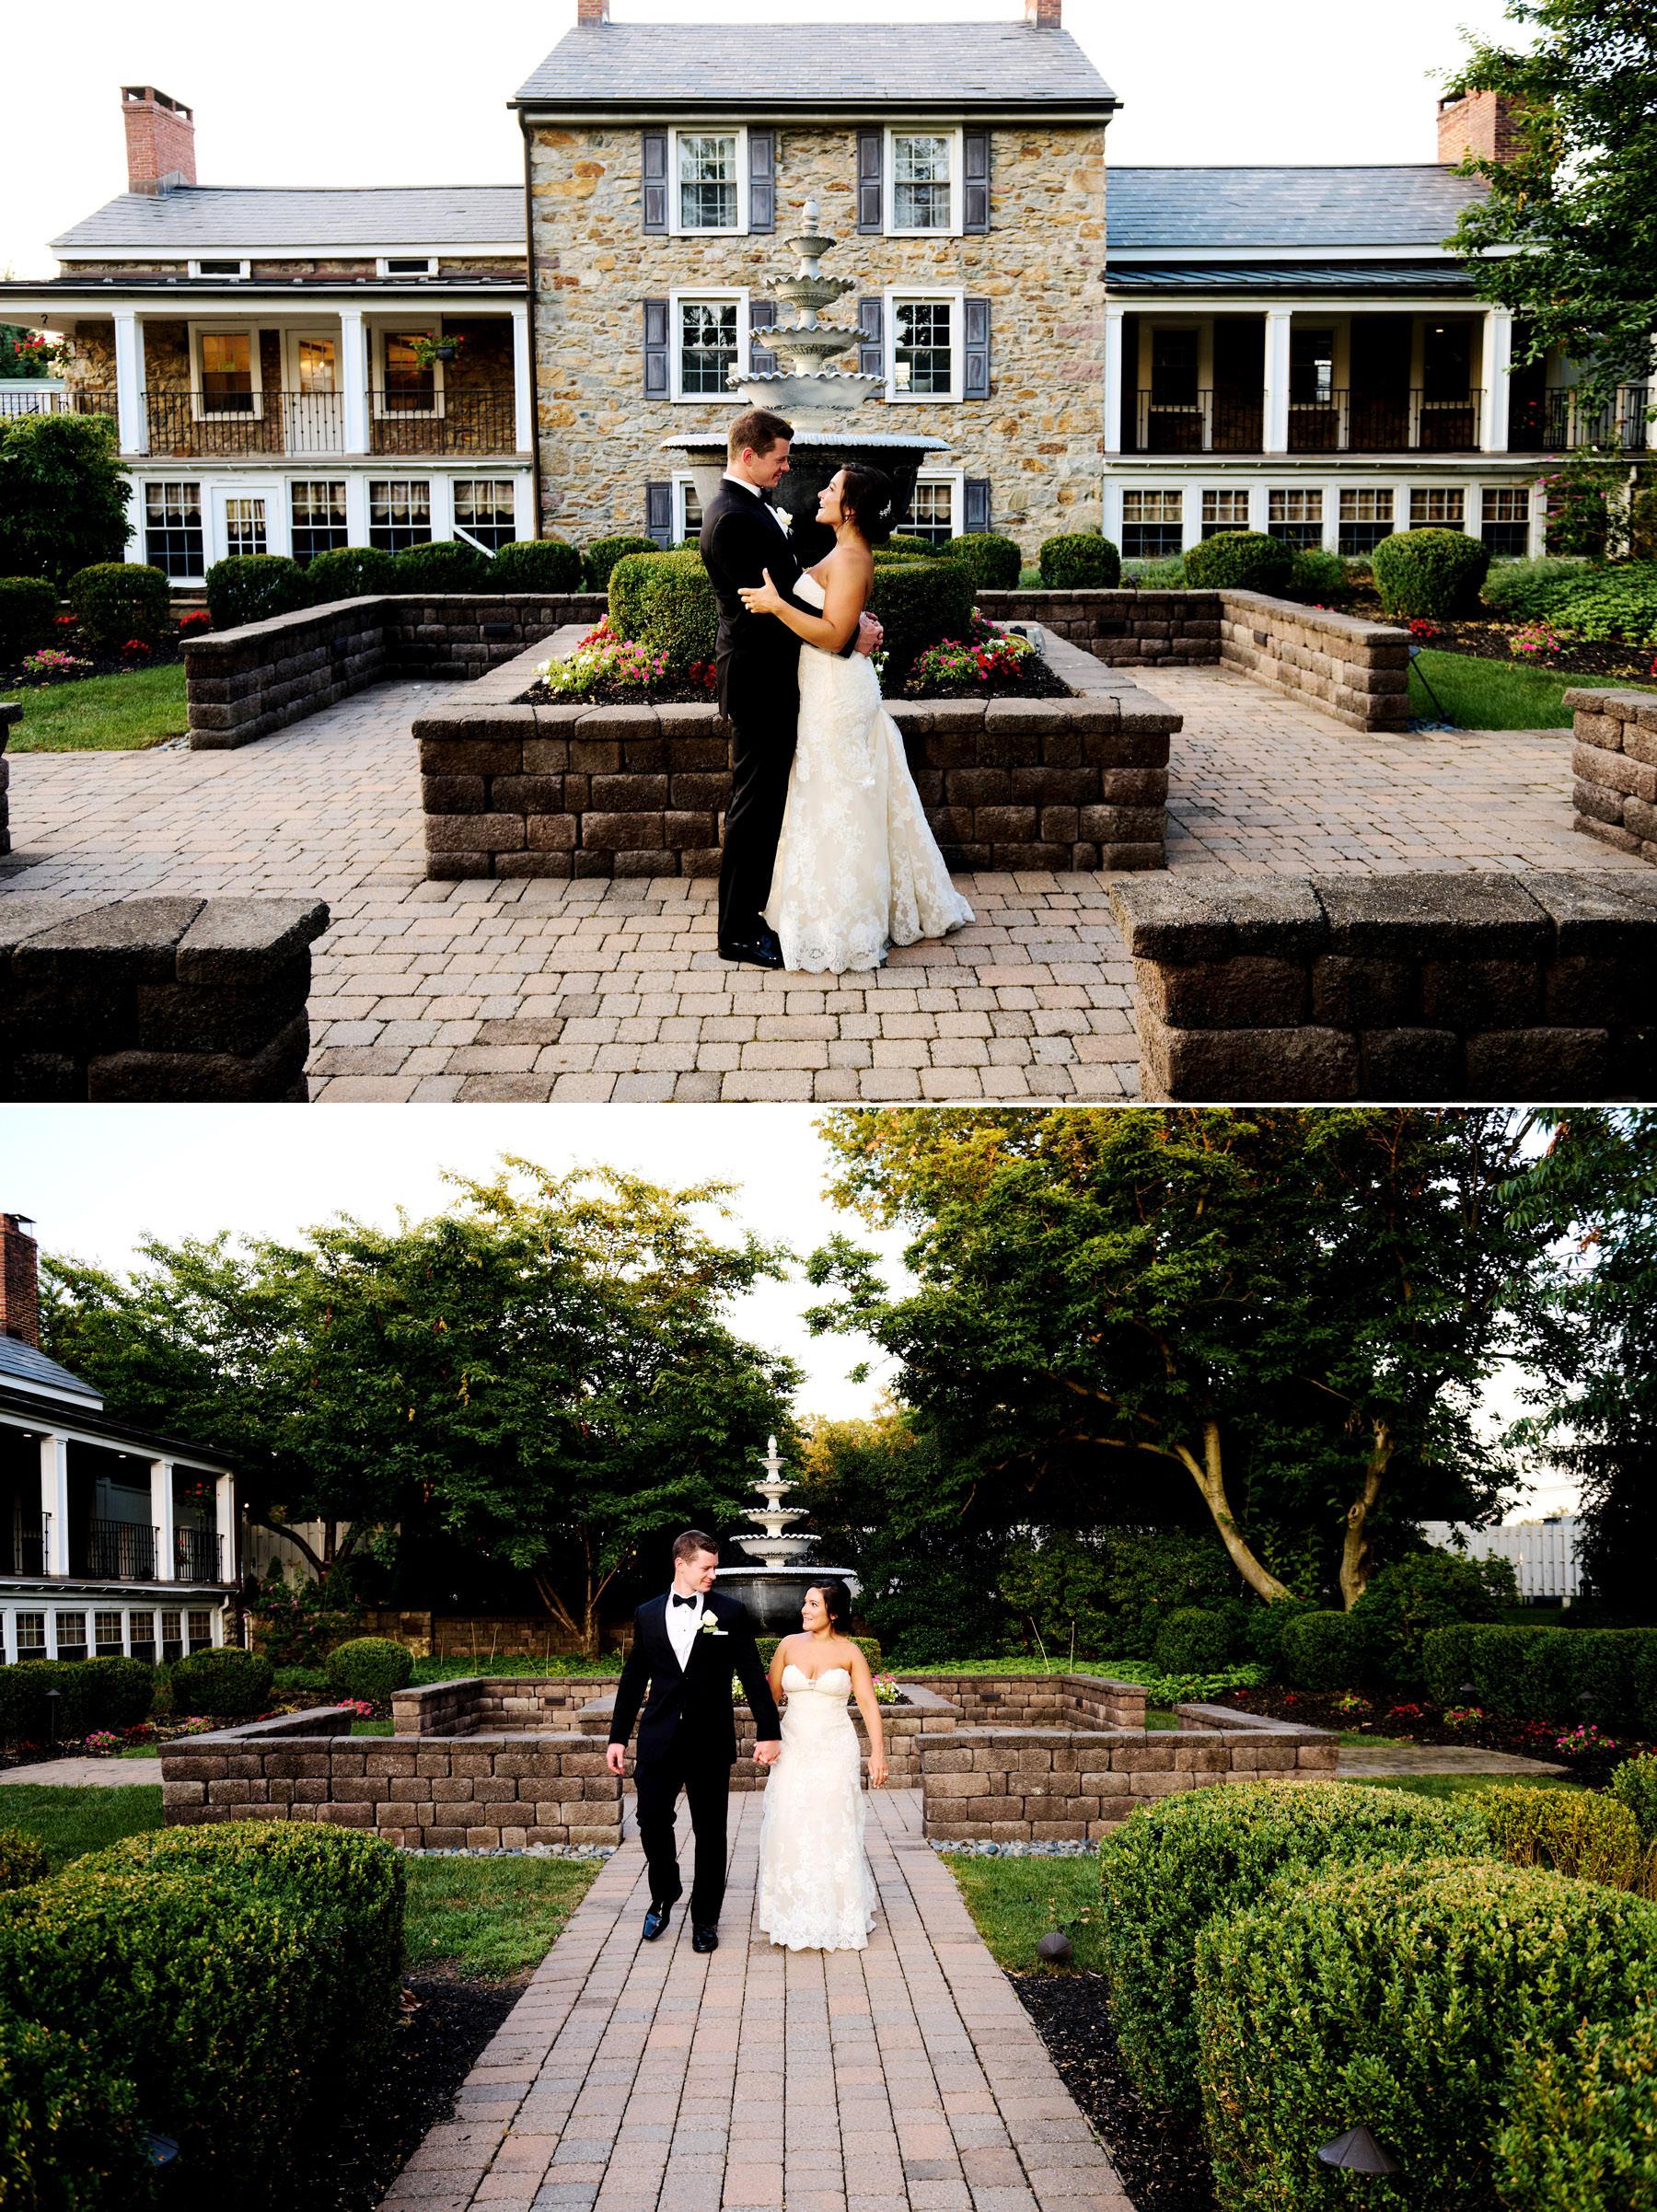 sunset wedding photos at The Farmhouse